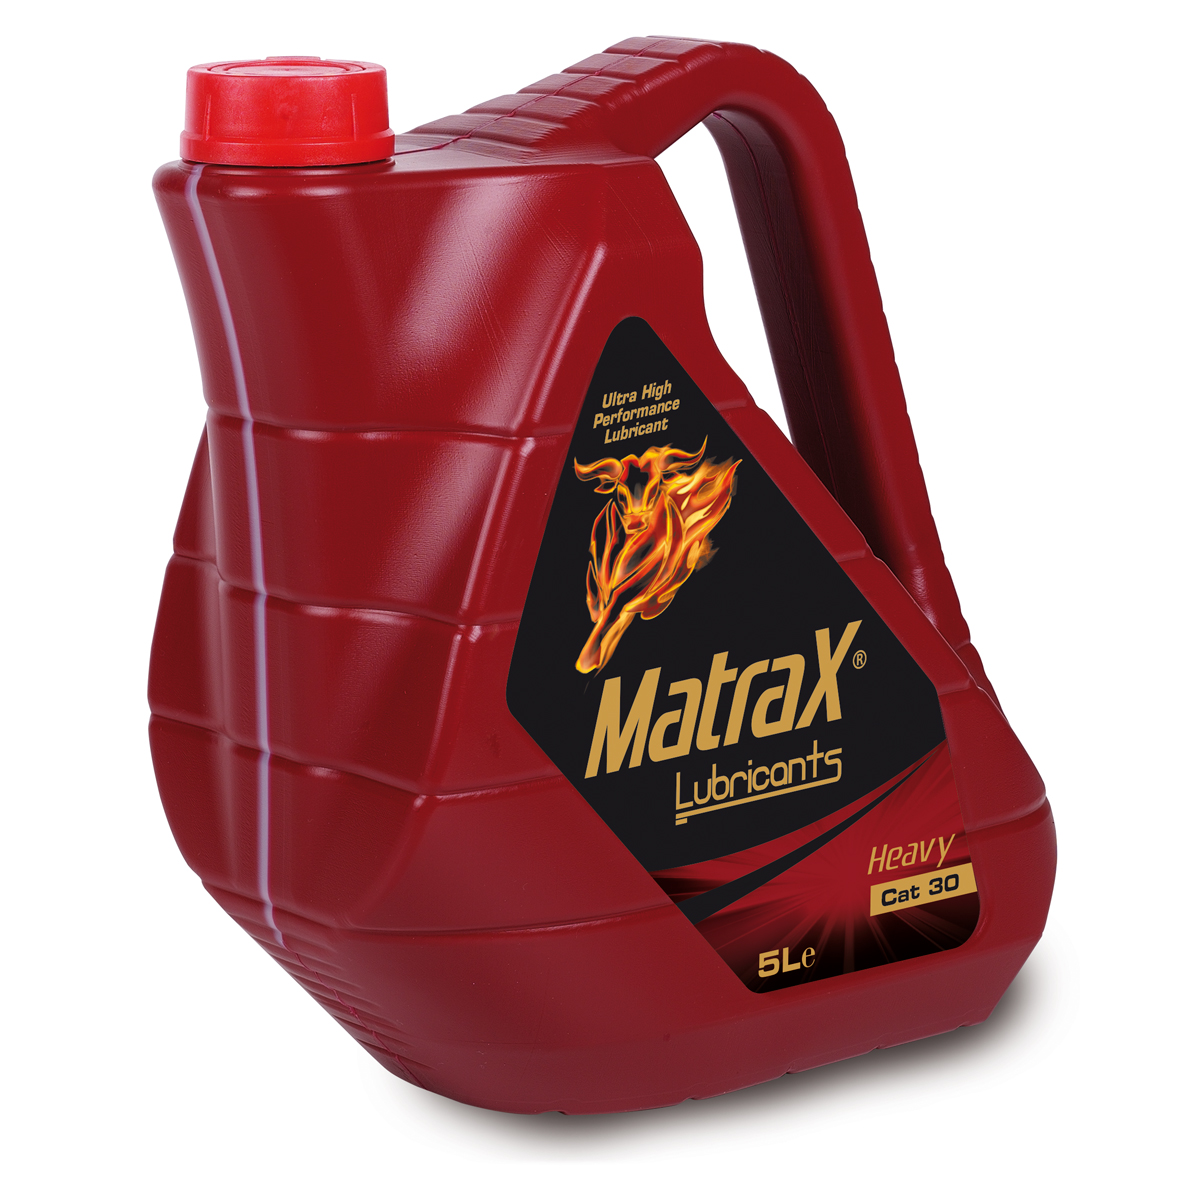 matrax-lubricants-heavy-cat-30-5l